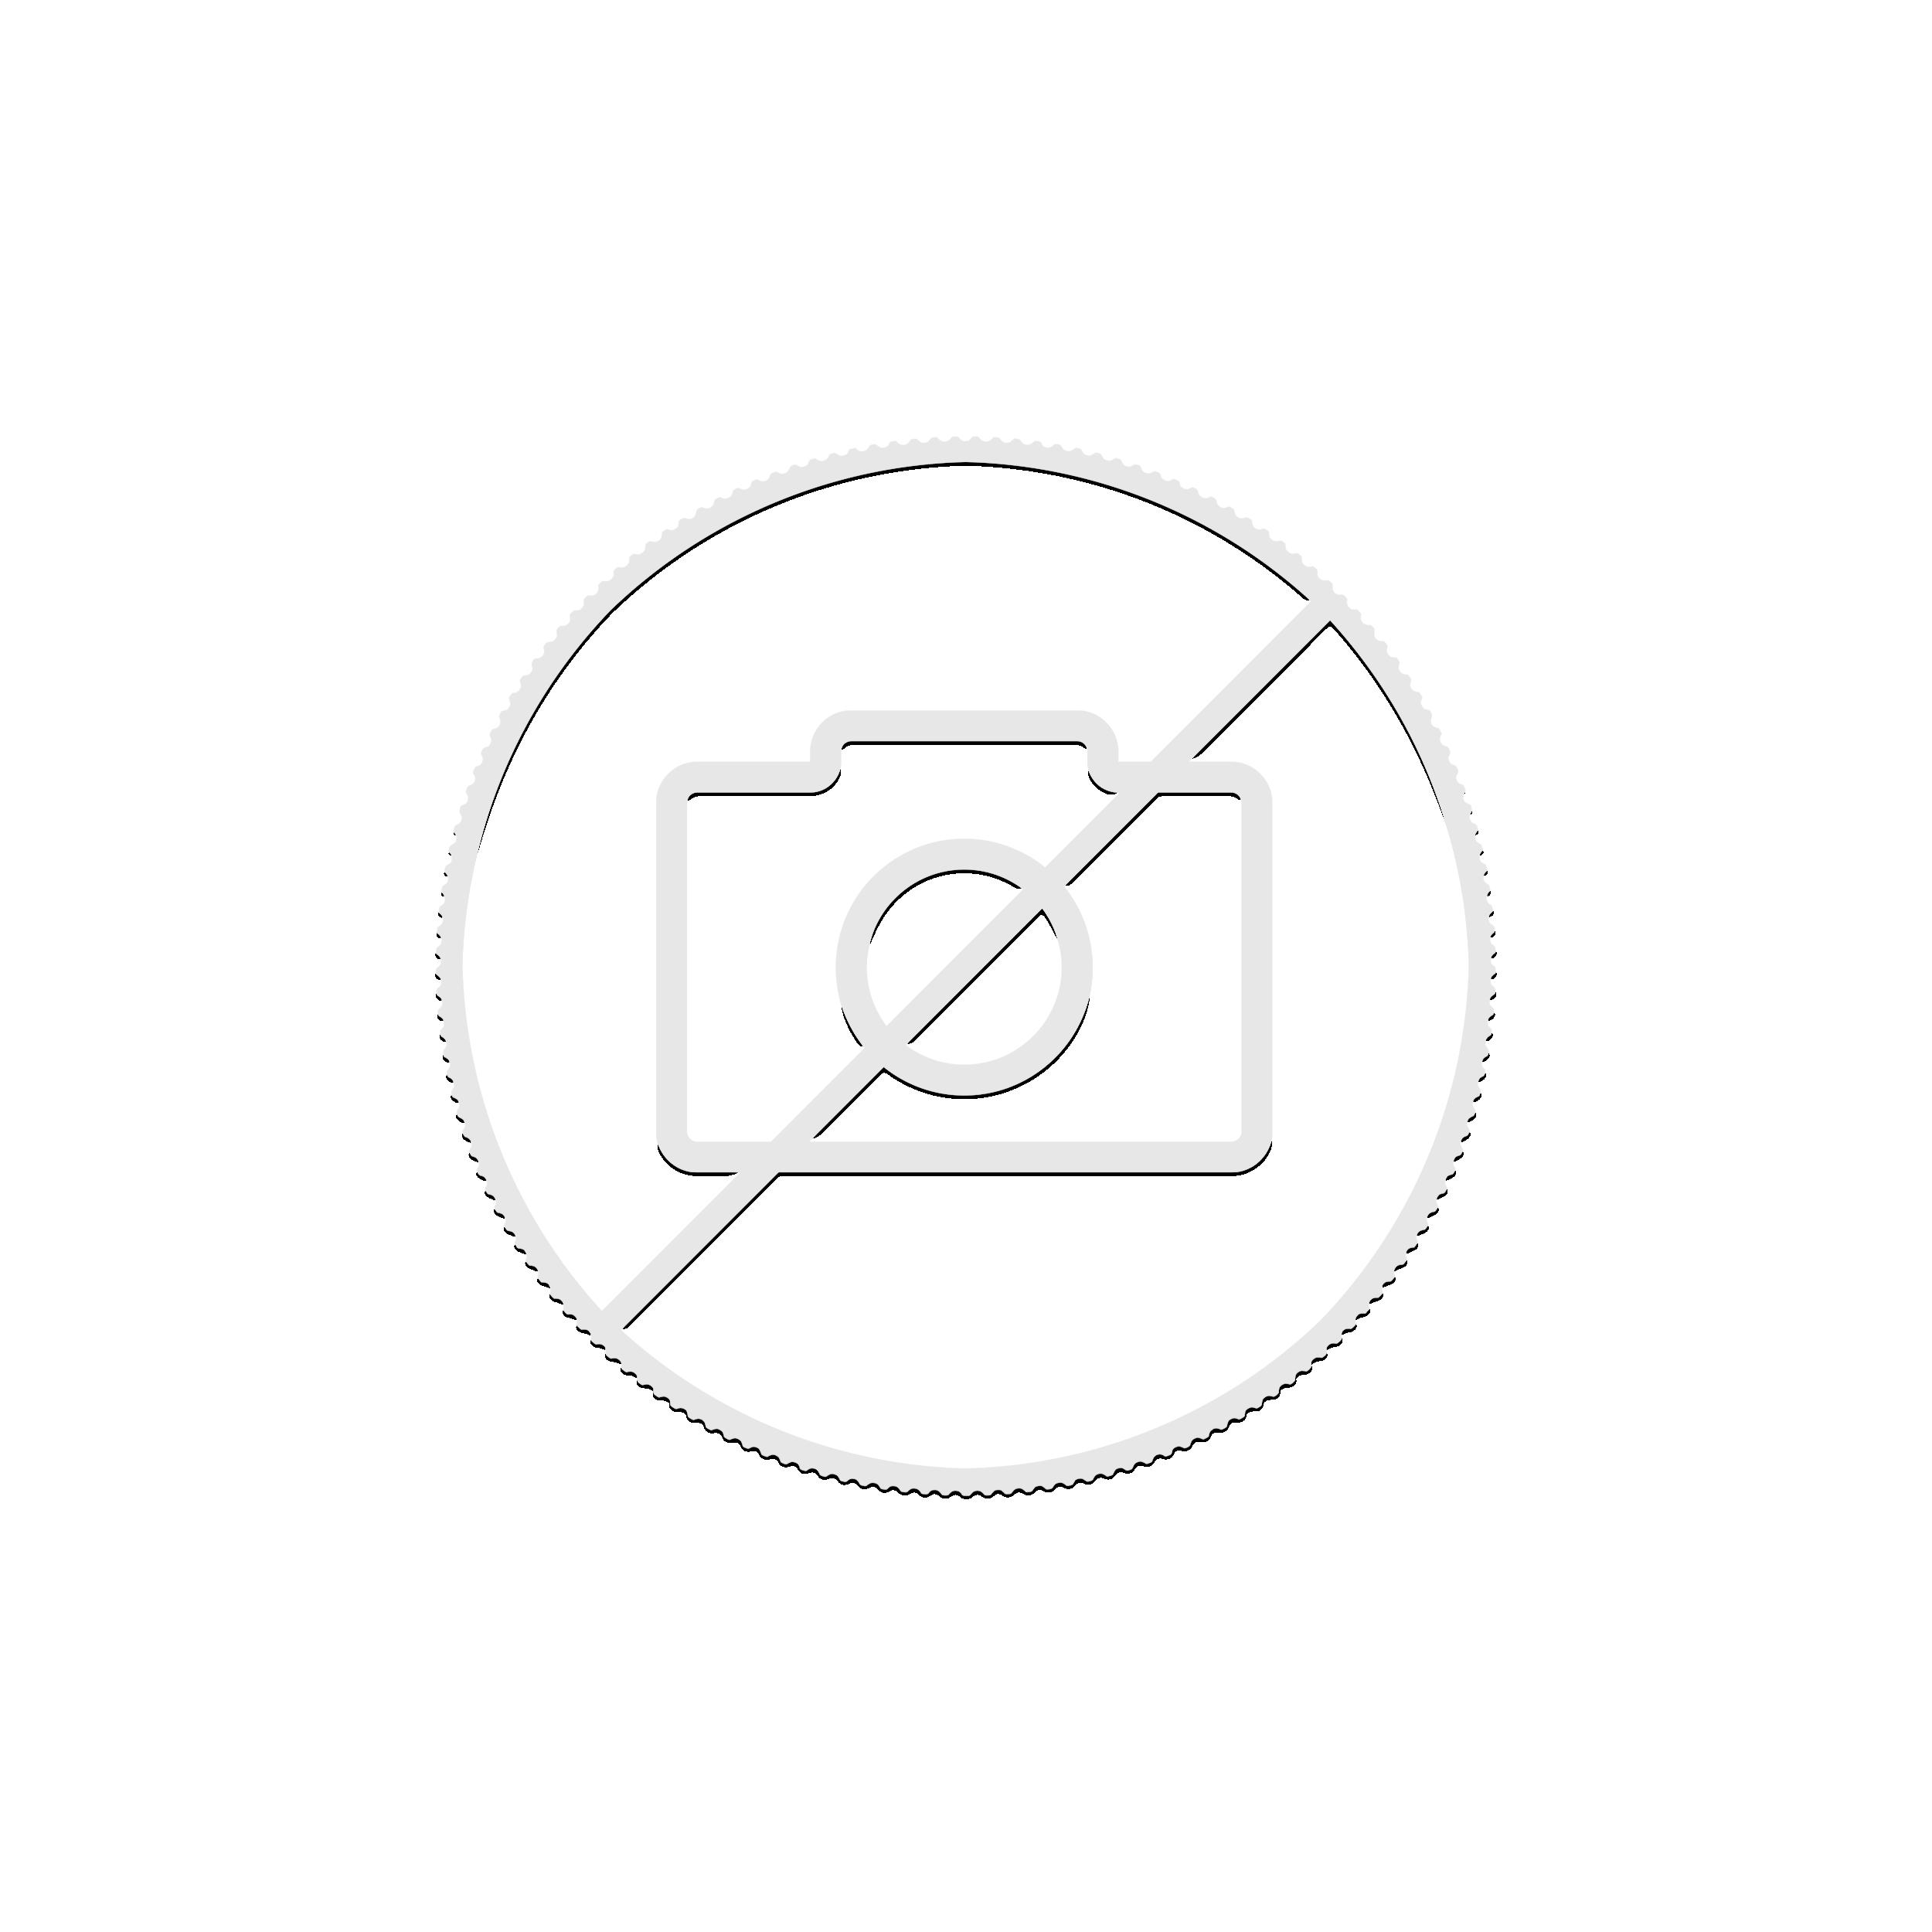 Birthstone Swarovski zilveren munt April 2020